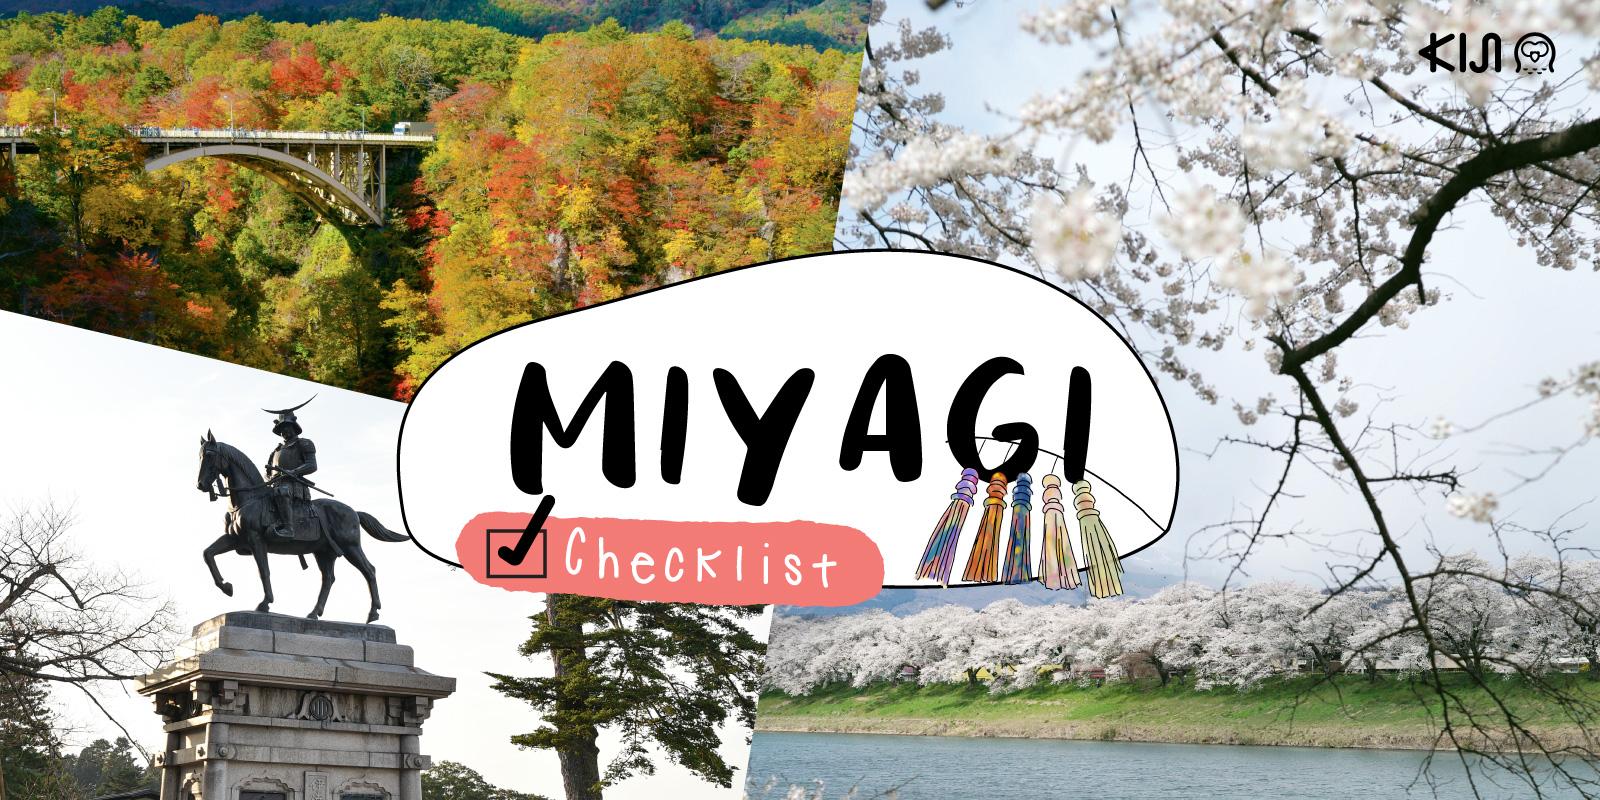 ที่เที่ยว จ.มิยากิ (Miyagi)